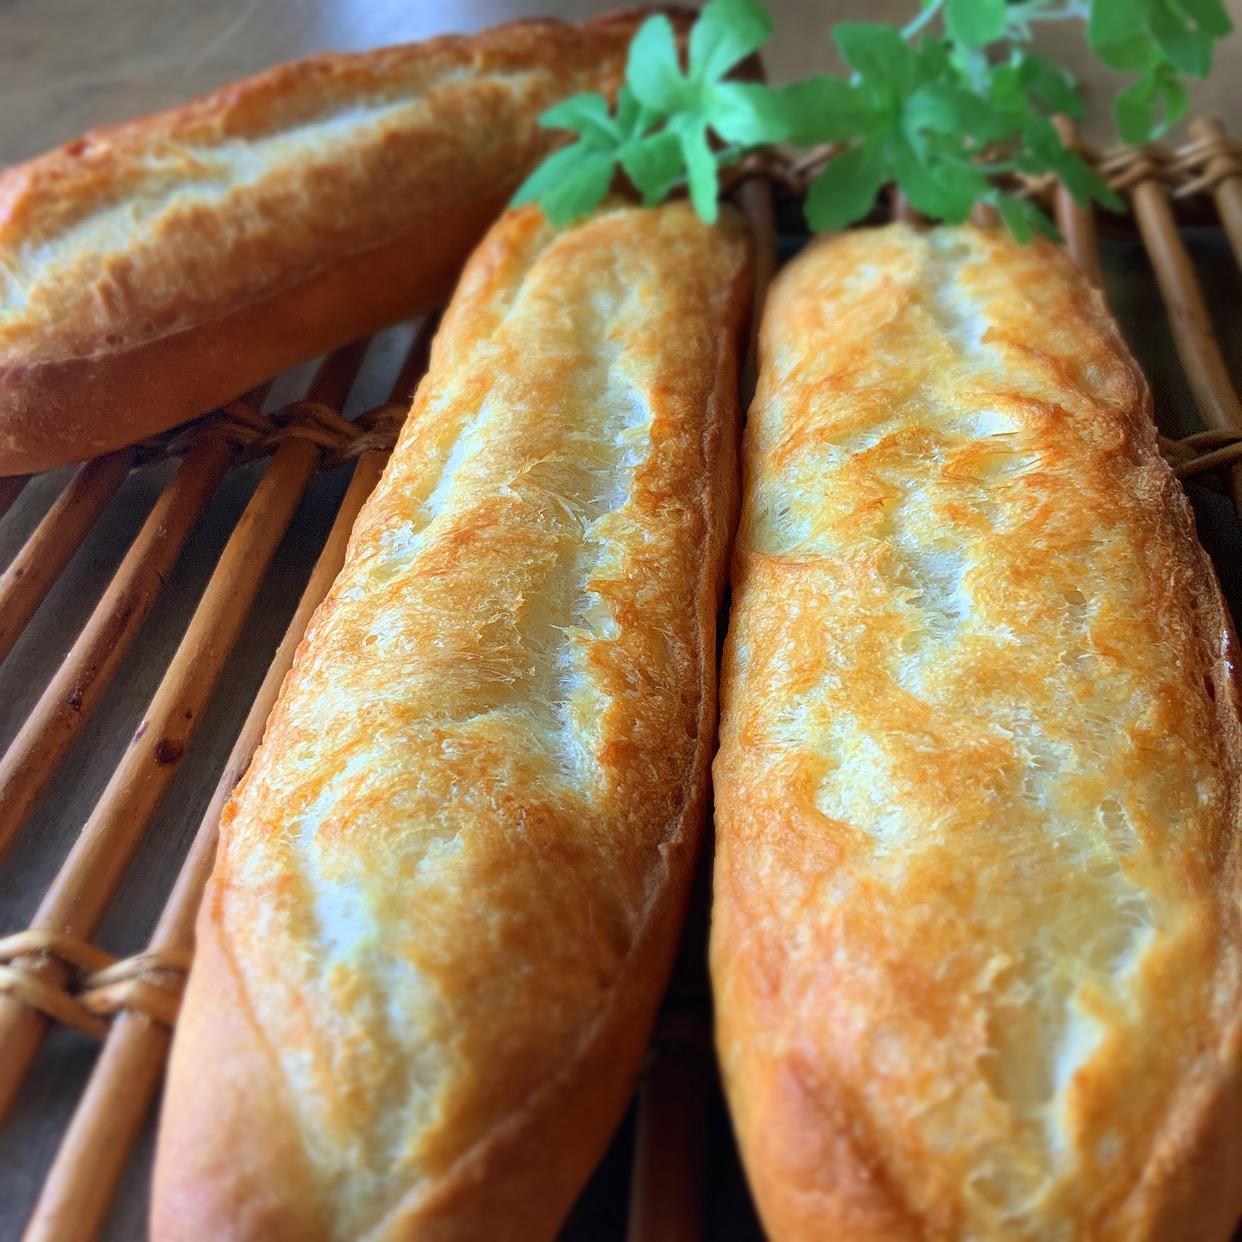 フランスパンとバゲットって何が違うの? 種類と一緒に解説!の画像